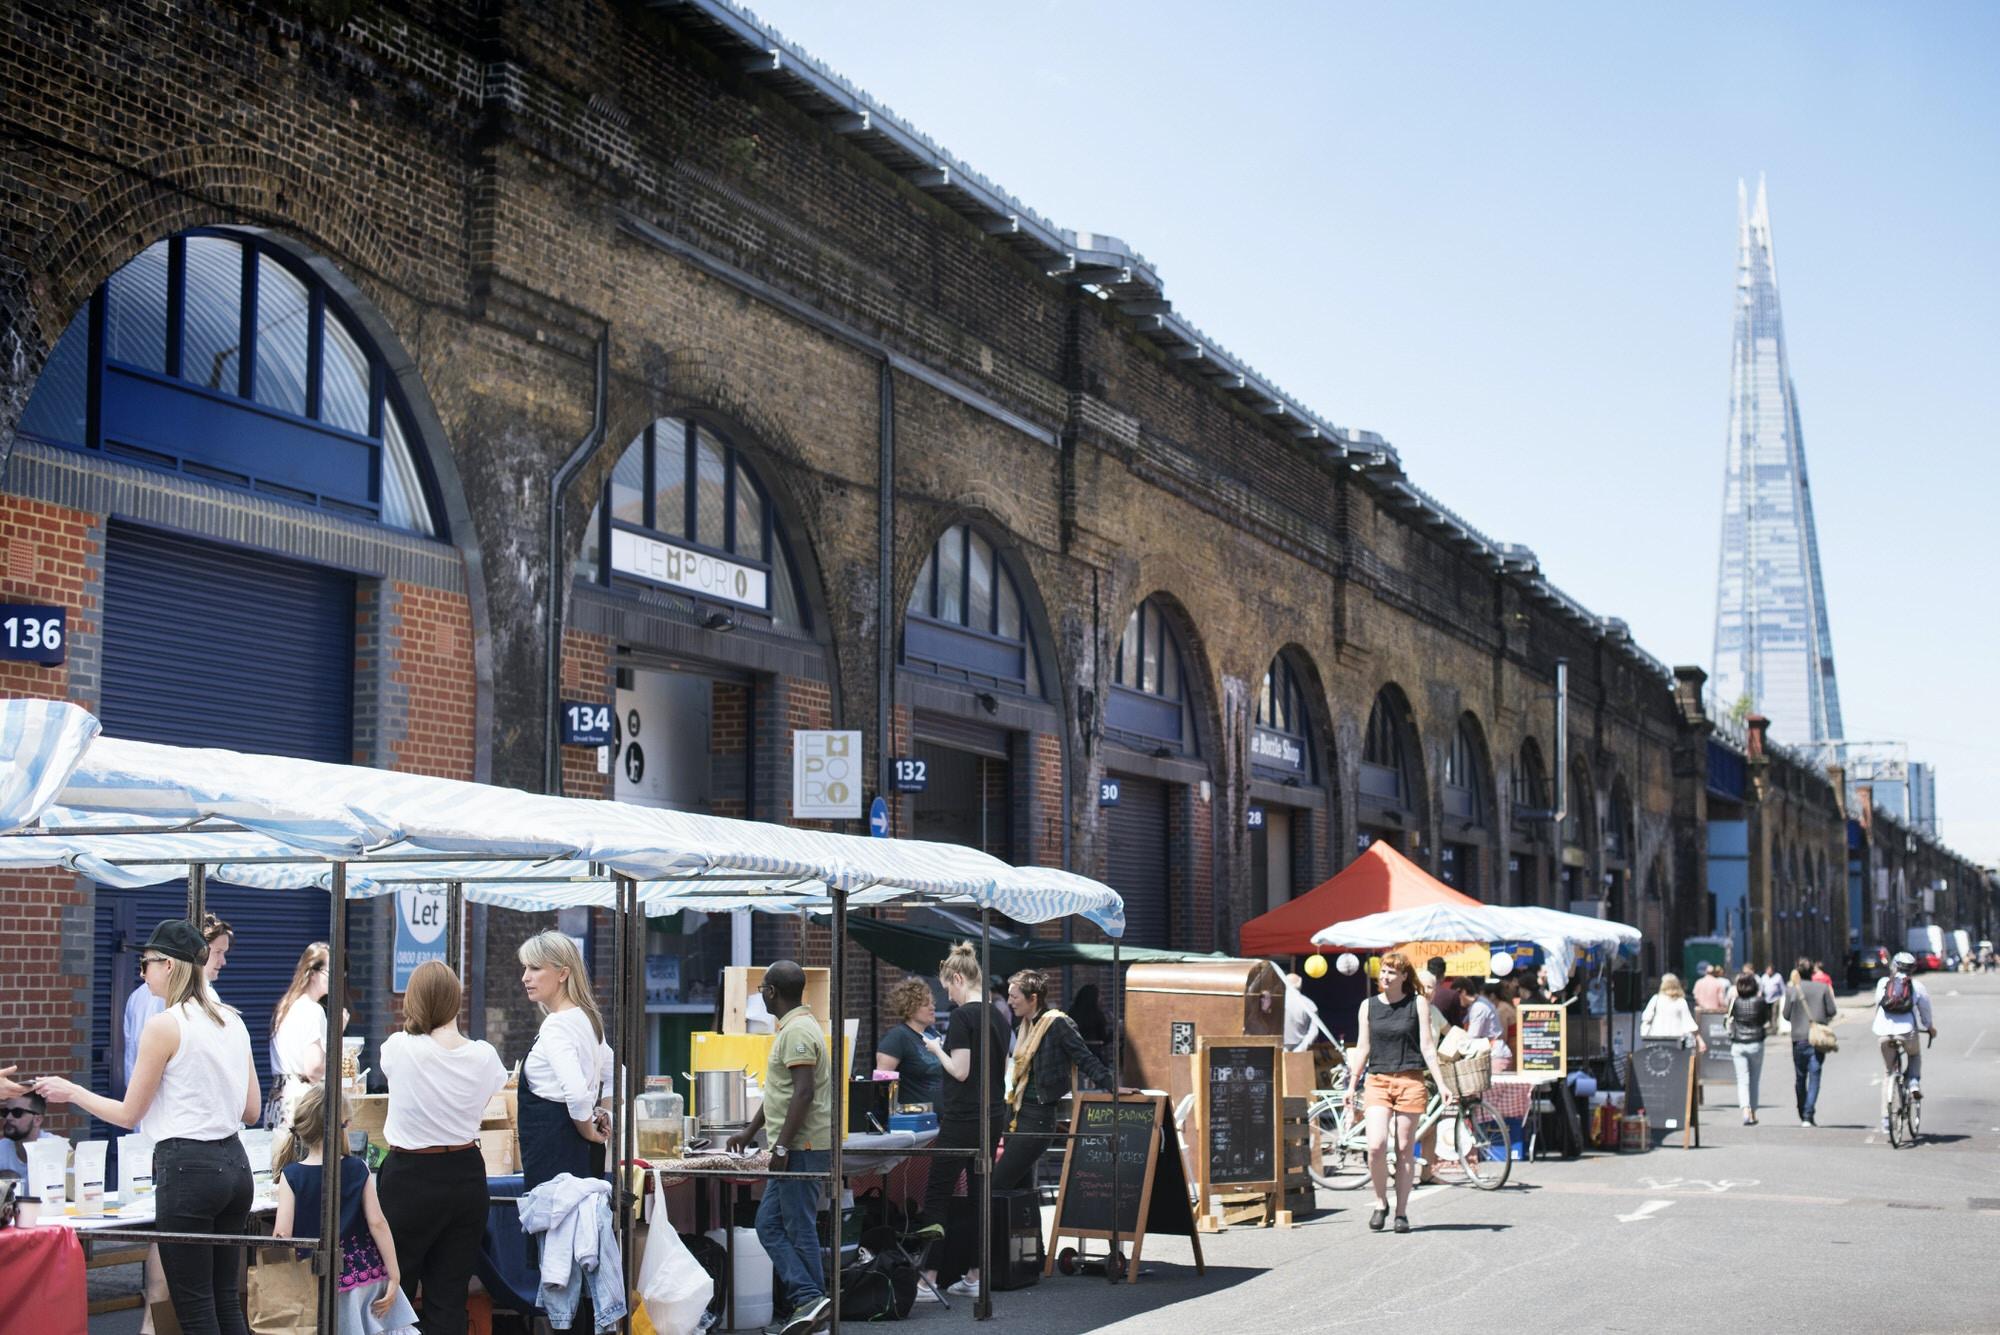 Maltby Street Market, Bermondsey © Issy Croker / Lonely Planet